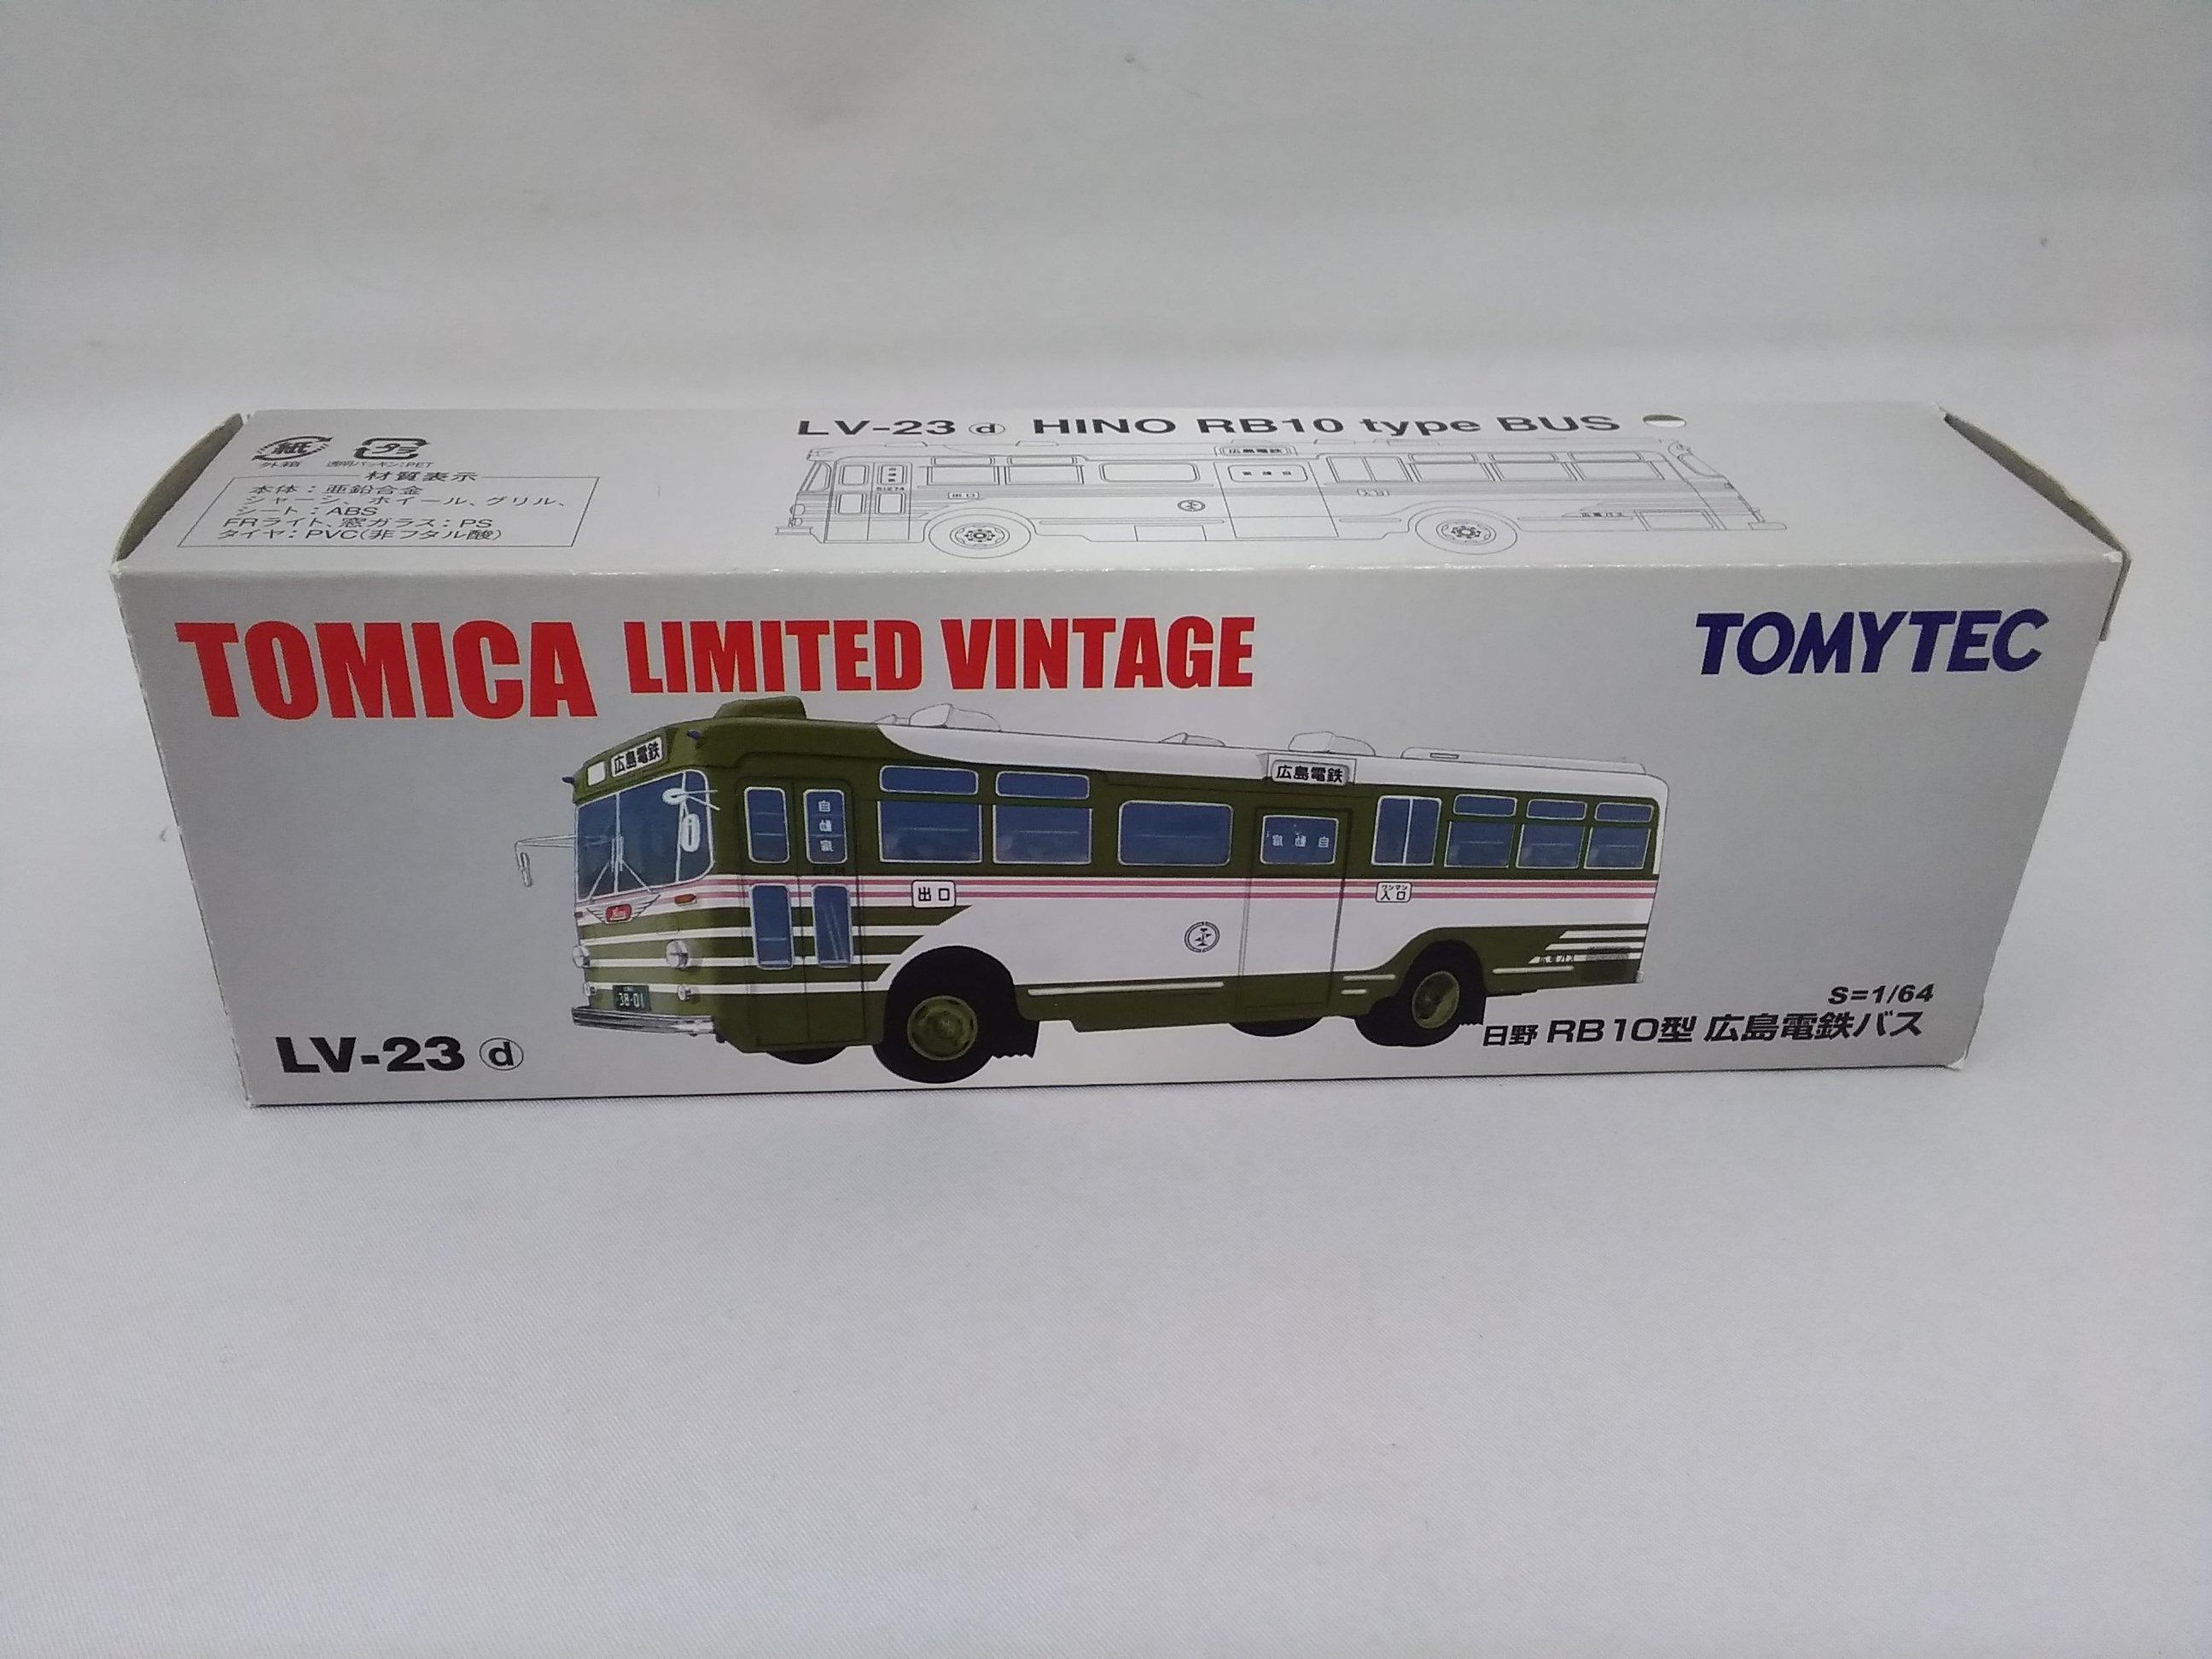 トミカリミデッド ヴィンテーシ RB10型 広島電鉄バス|トミーテック